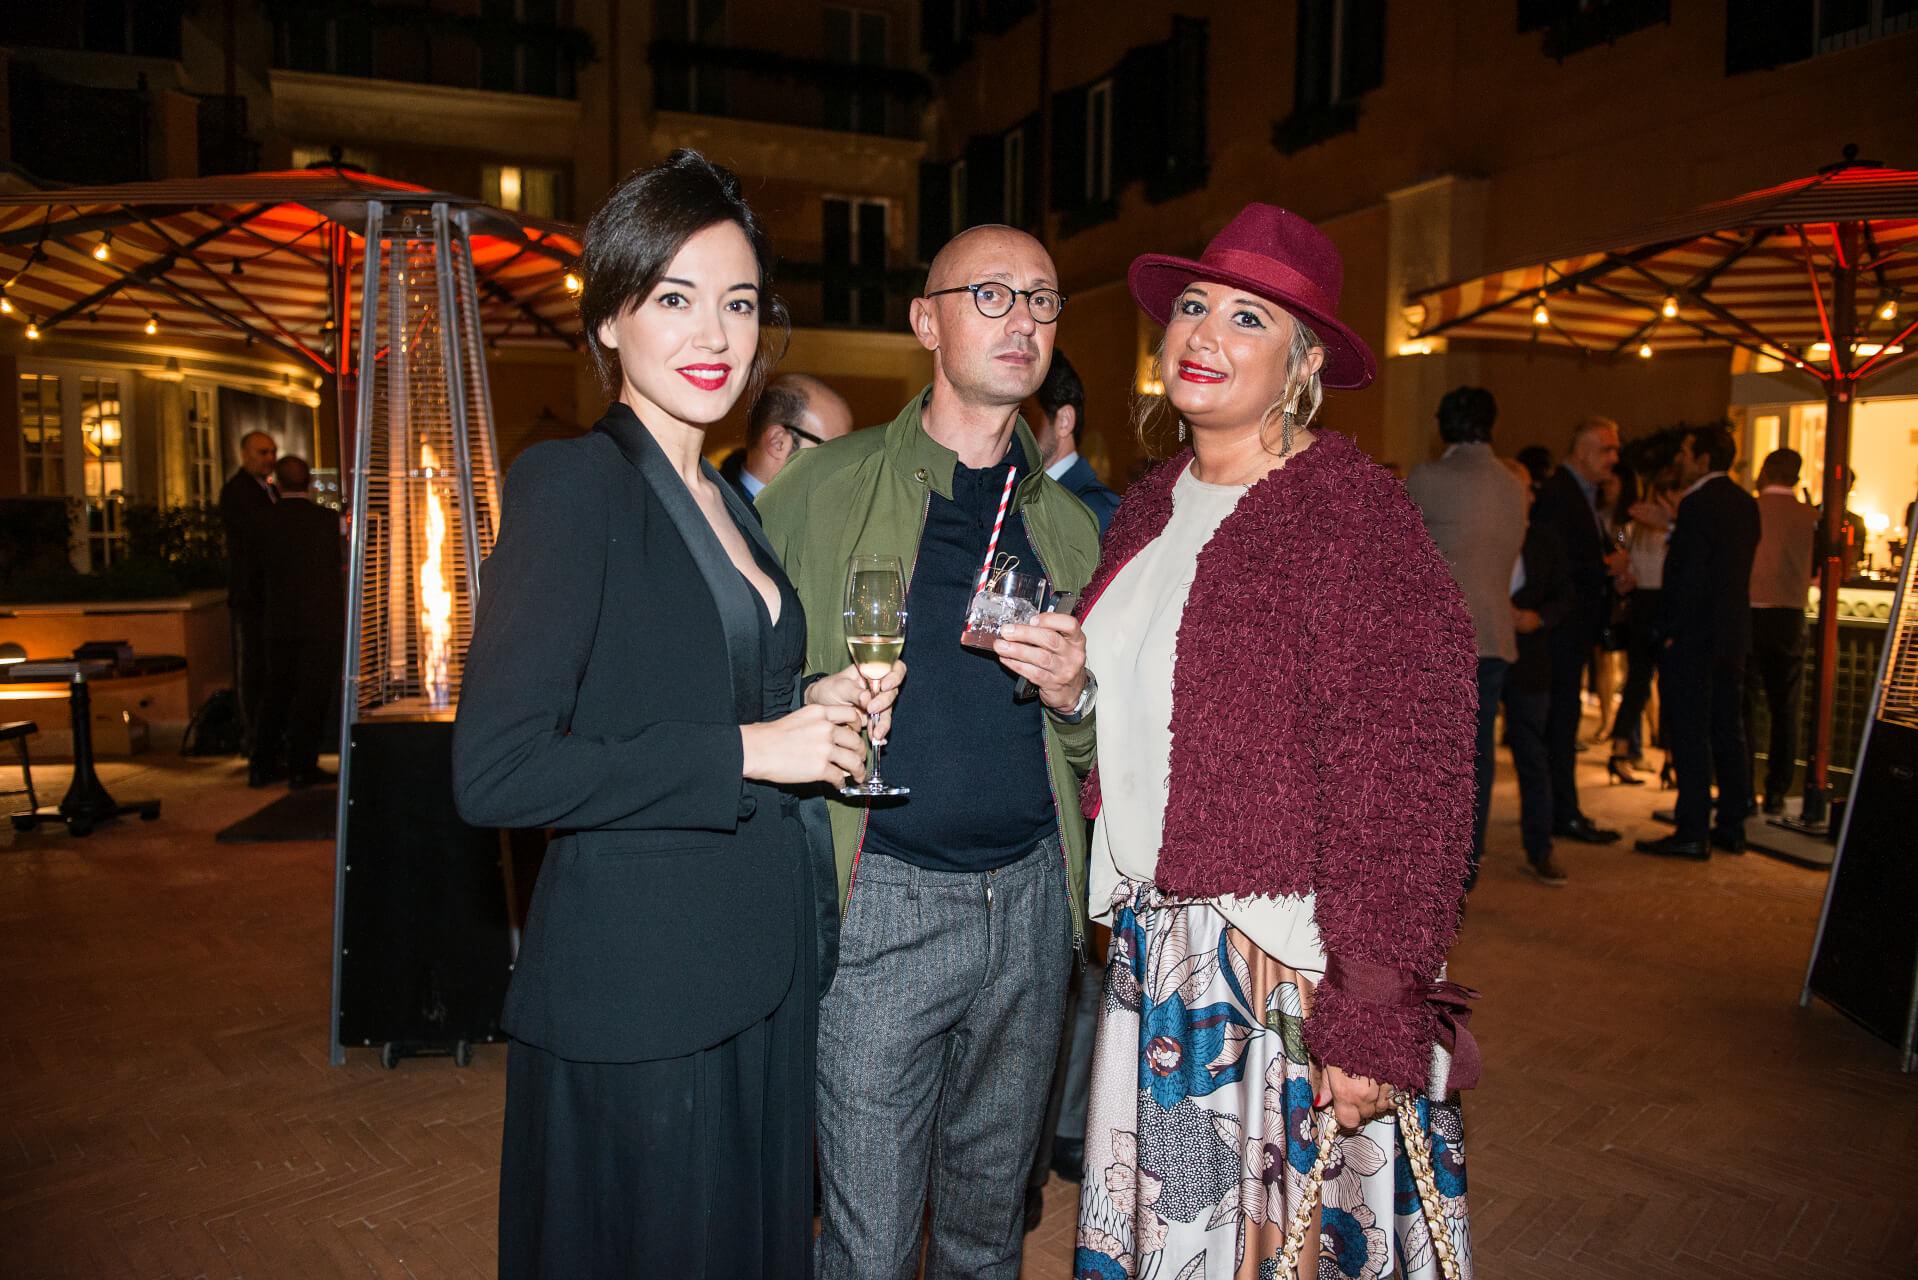 Vera Dragone, Riccardo Ciccarese, Cristina Attina